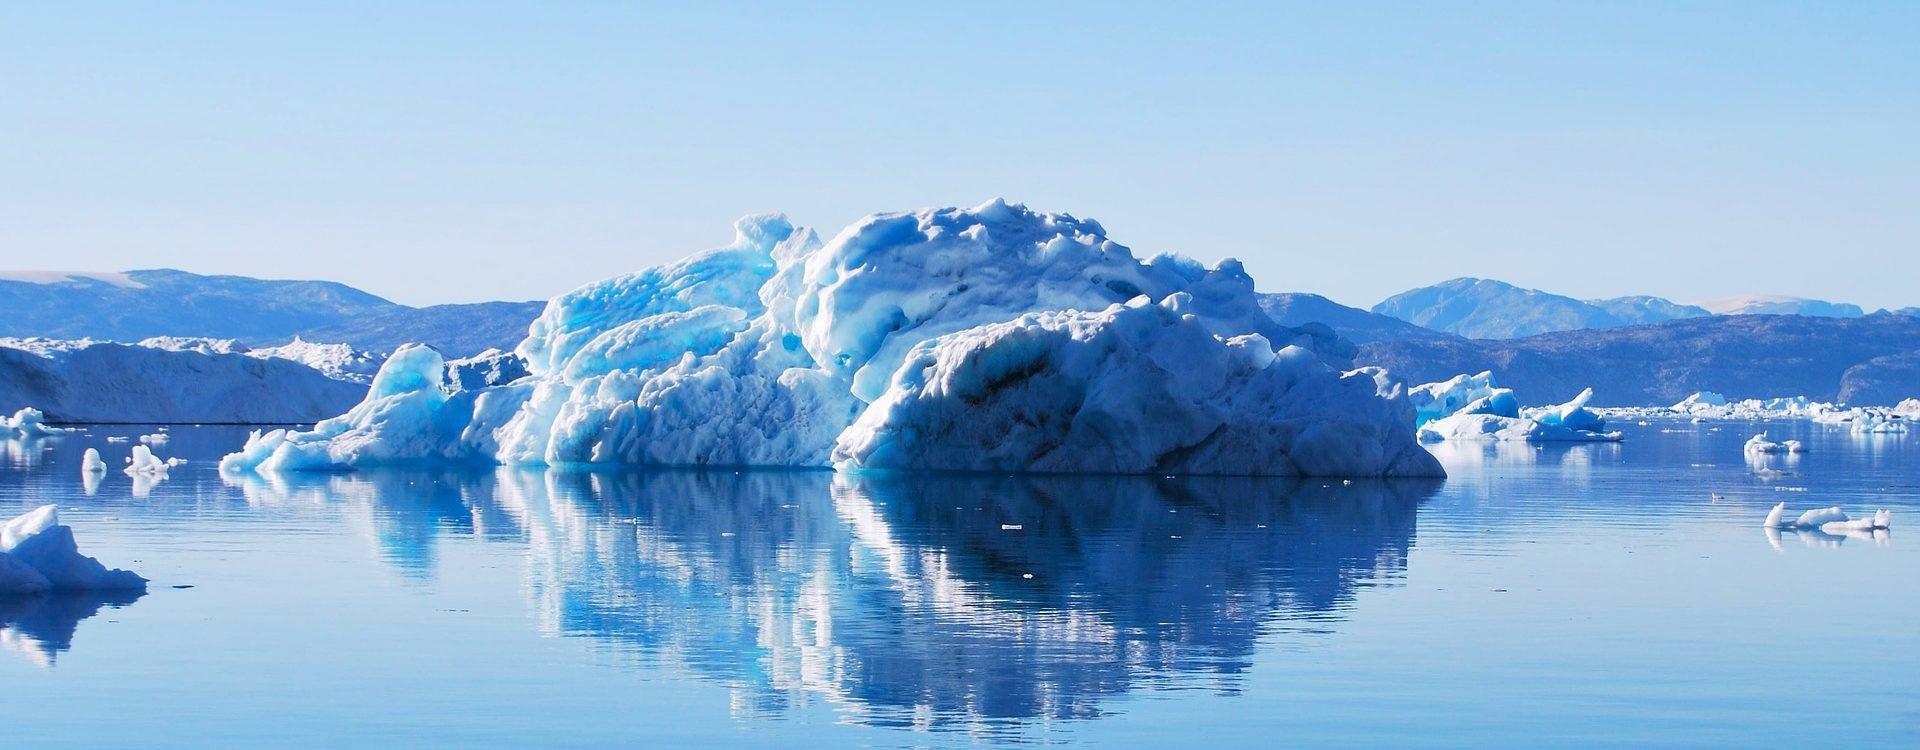 Groenland - Ski et bateau sur la côte ouest - Les matins du monde